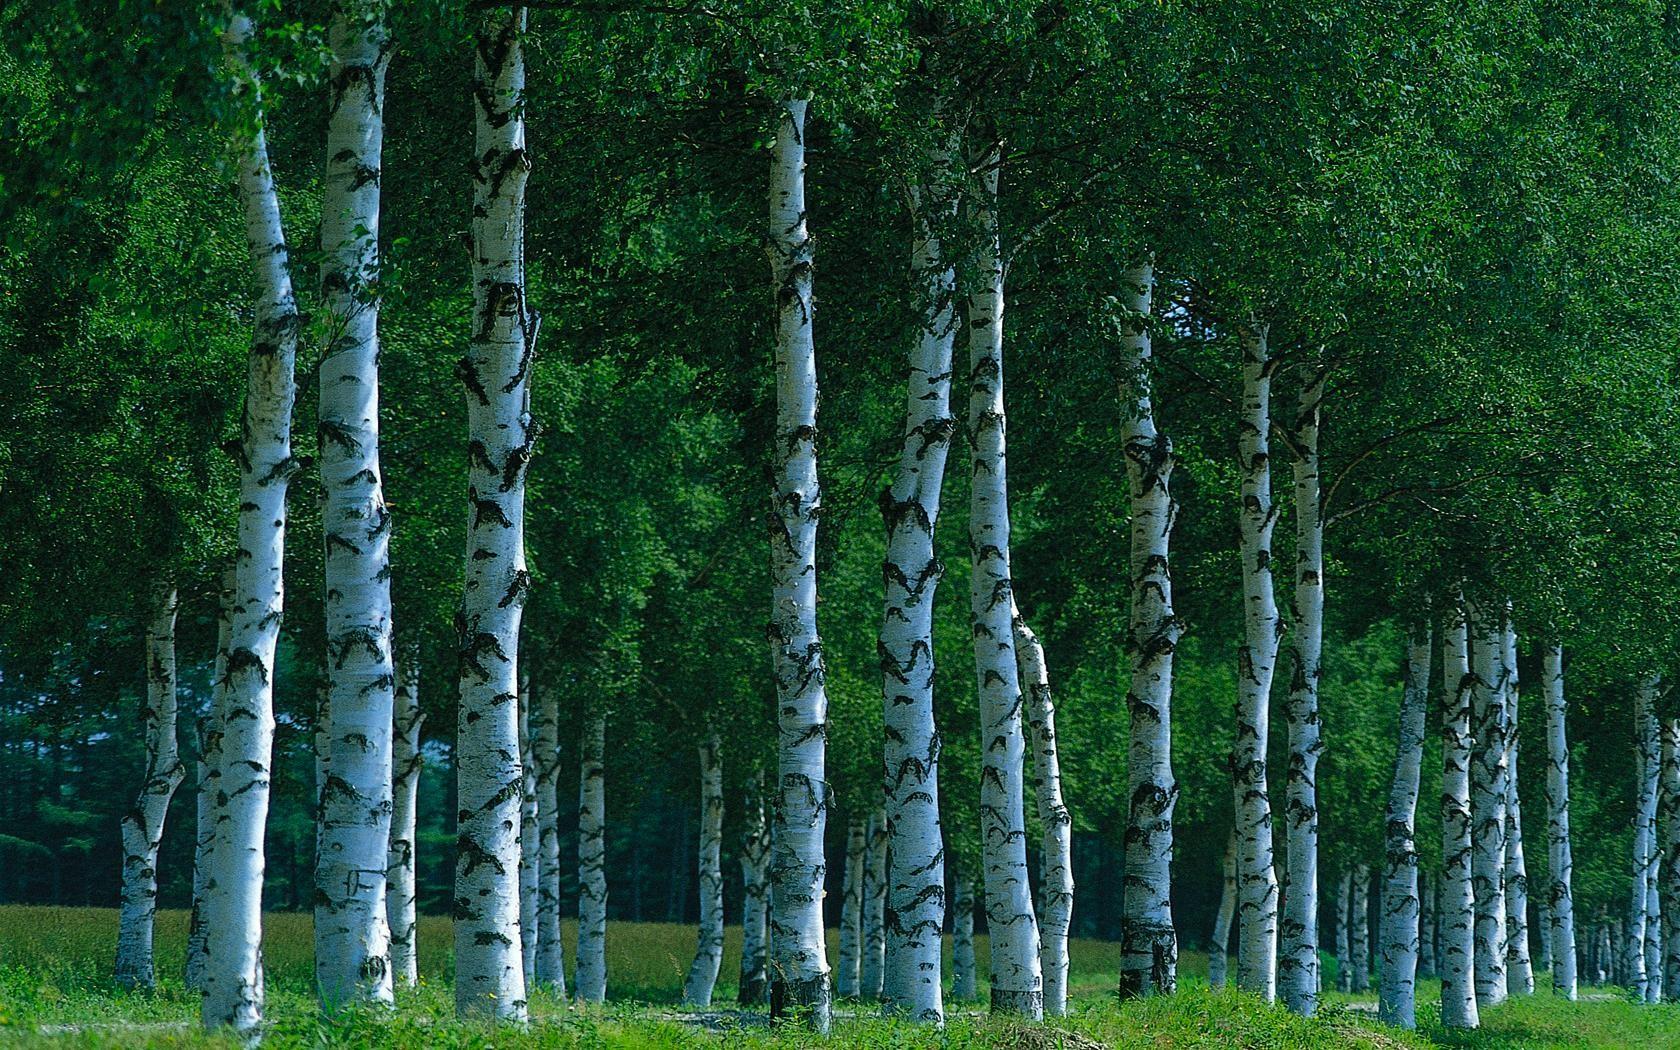 Birch Trees Wallpaper Joy Studio Design Gallery   Best Design 1680x1050